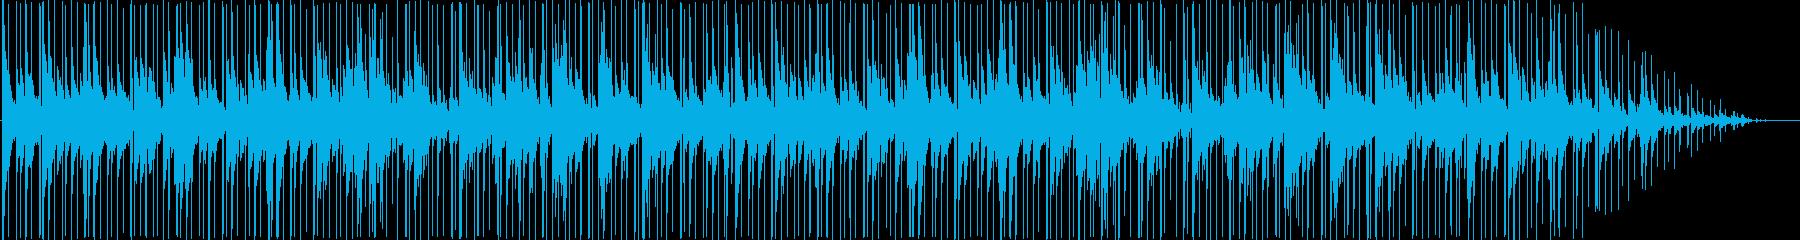 悲しげなピアノが美しいChillout曲の再生済みの波形